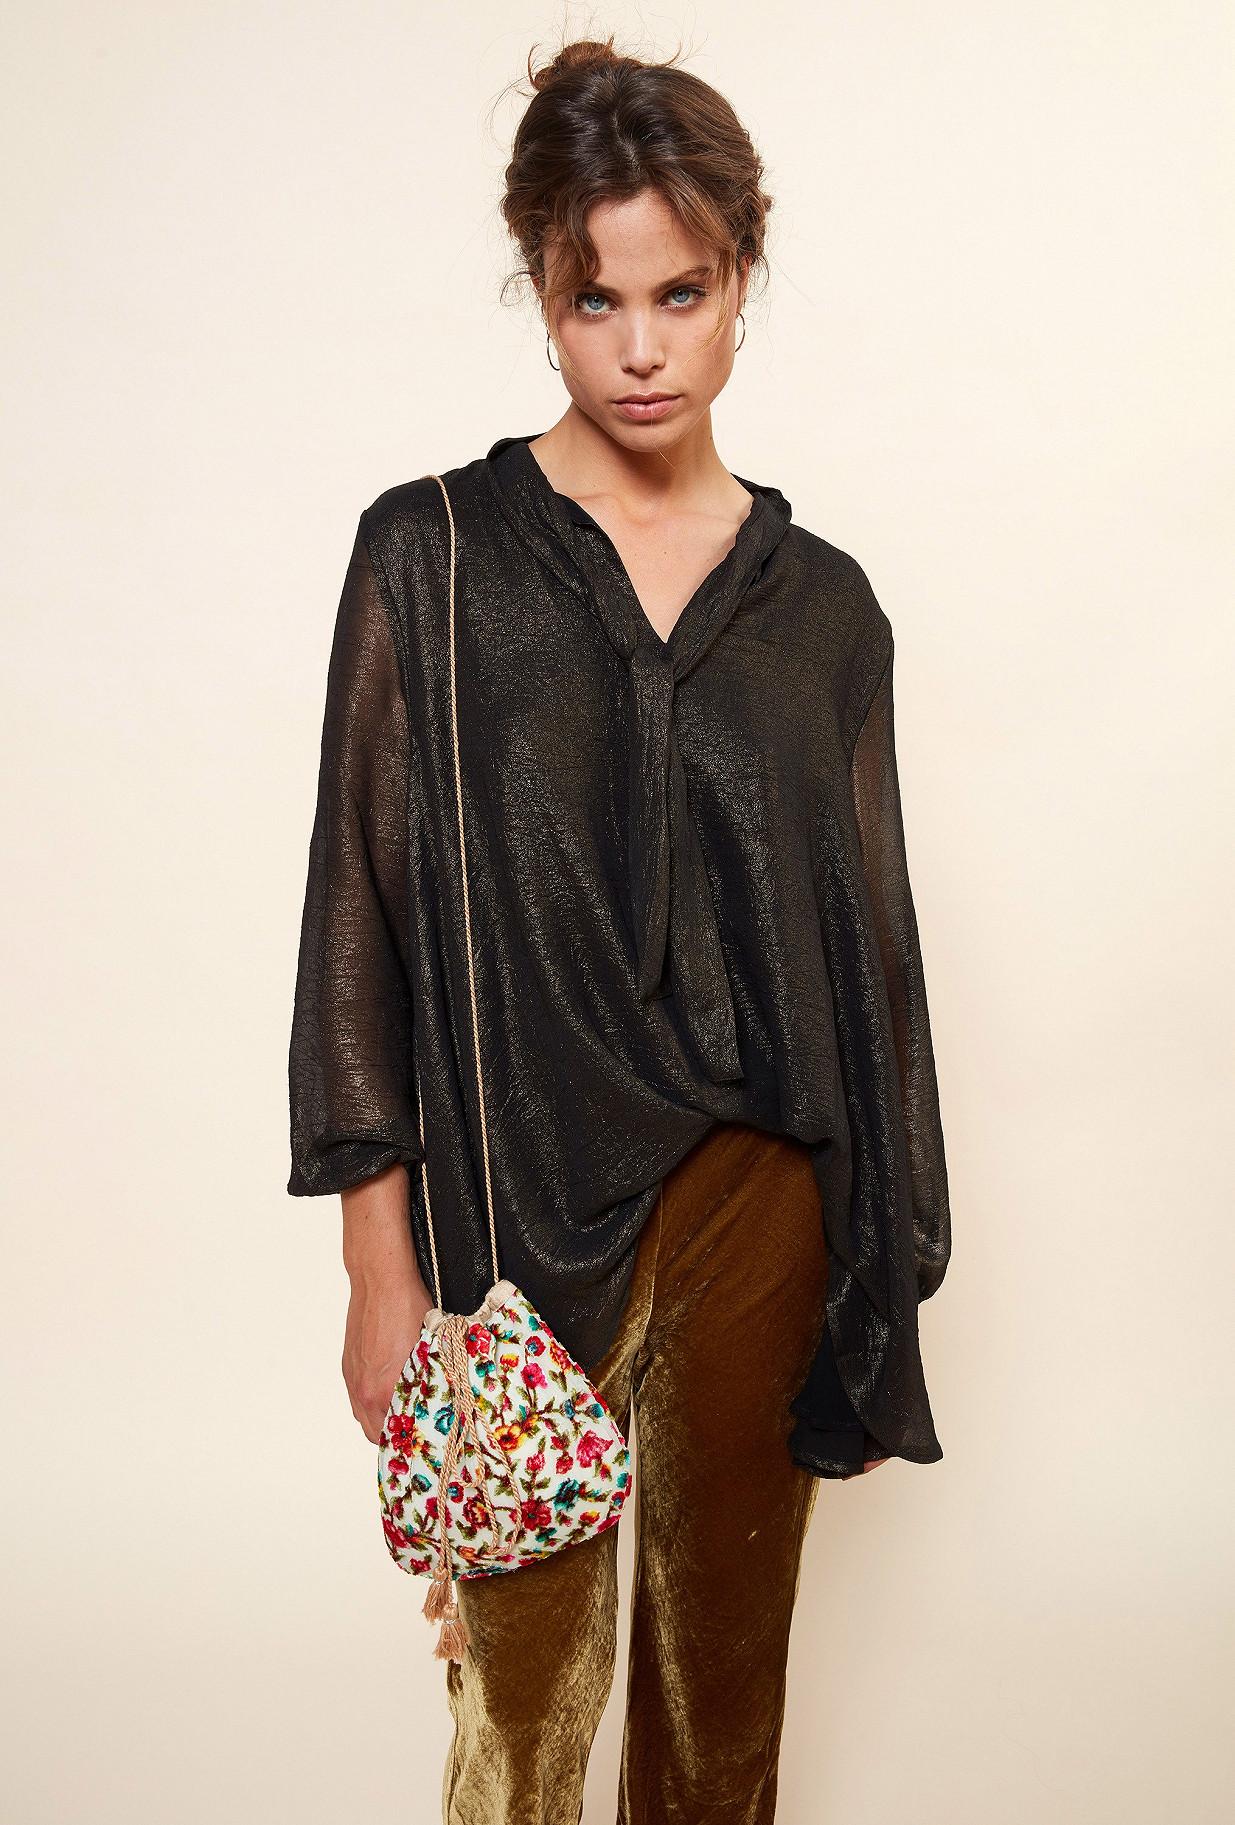 Paris clothes store Bag Sam french designer fashion Paris